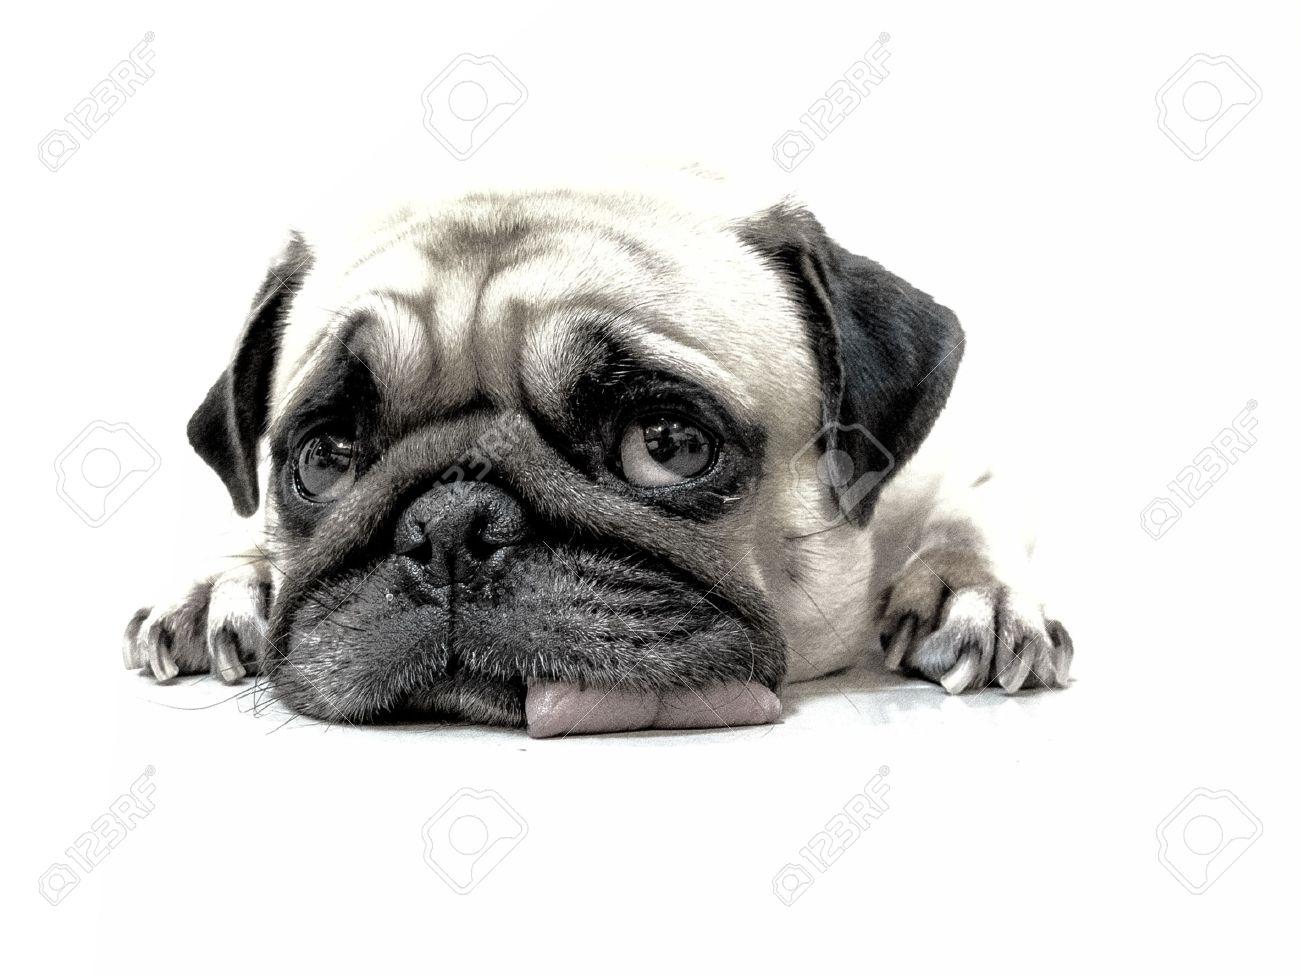 Dibujo A Lápiz De La Cara Del Primer Cachorro De Perro Pug Lindo